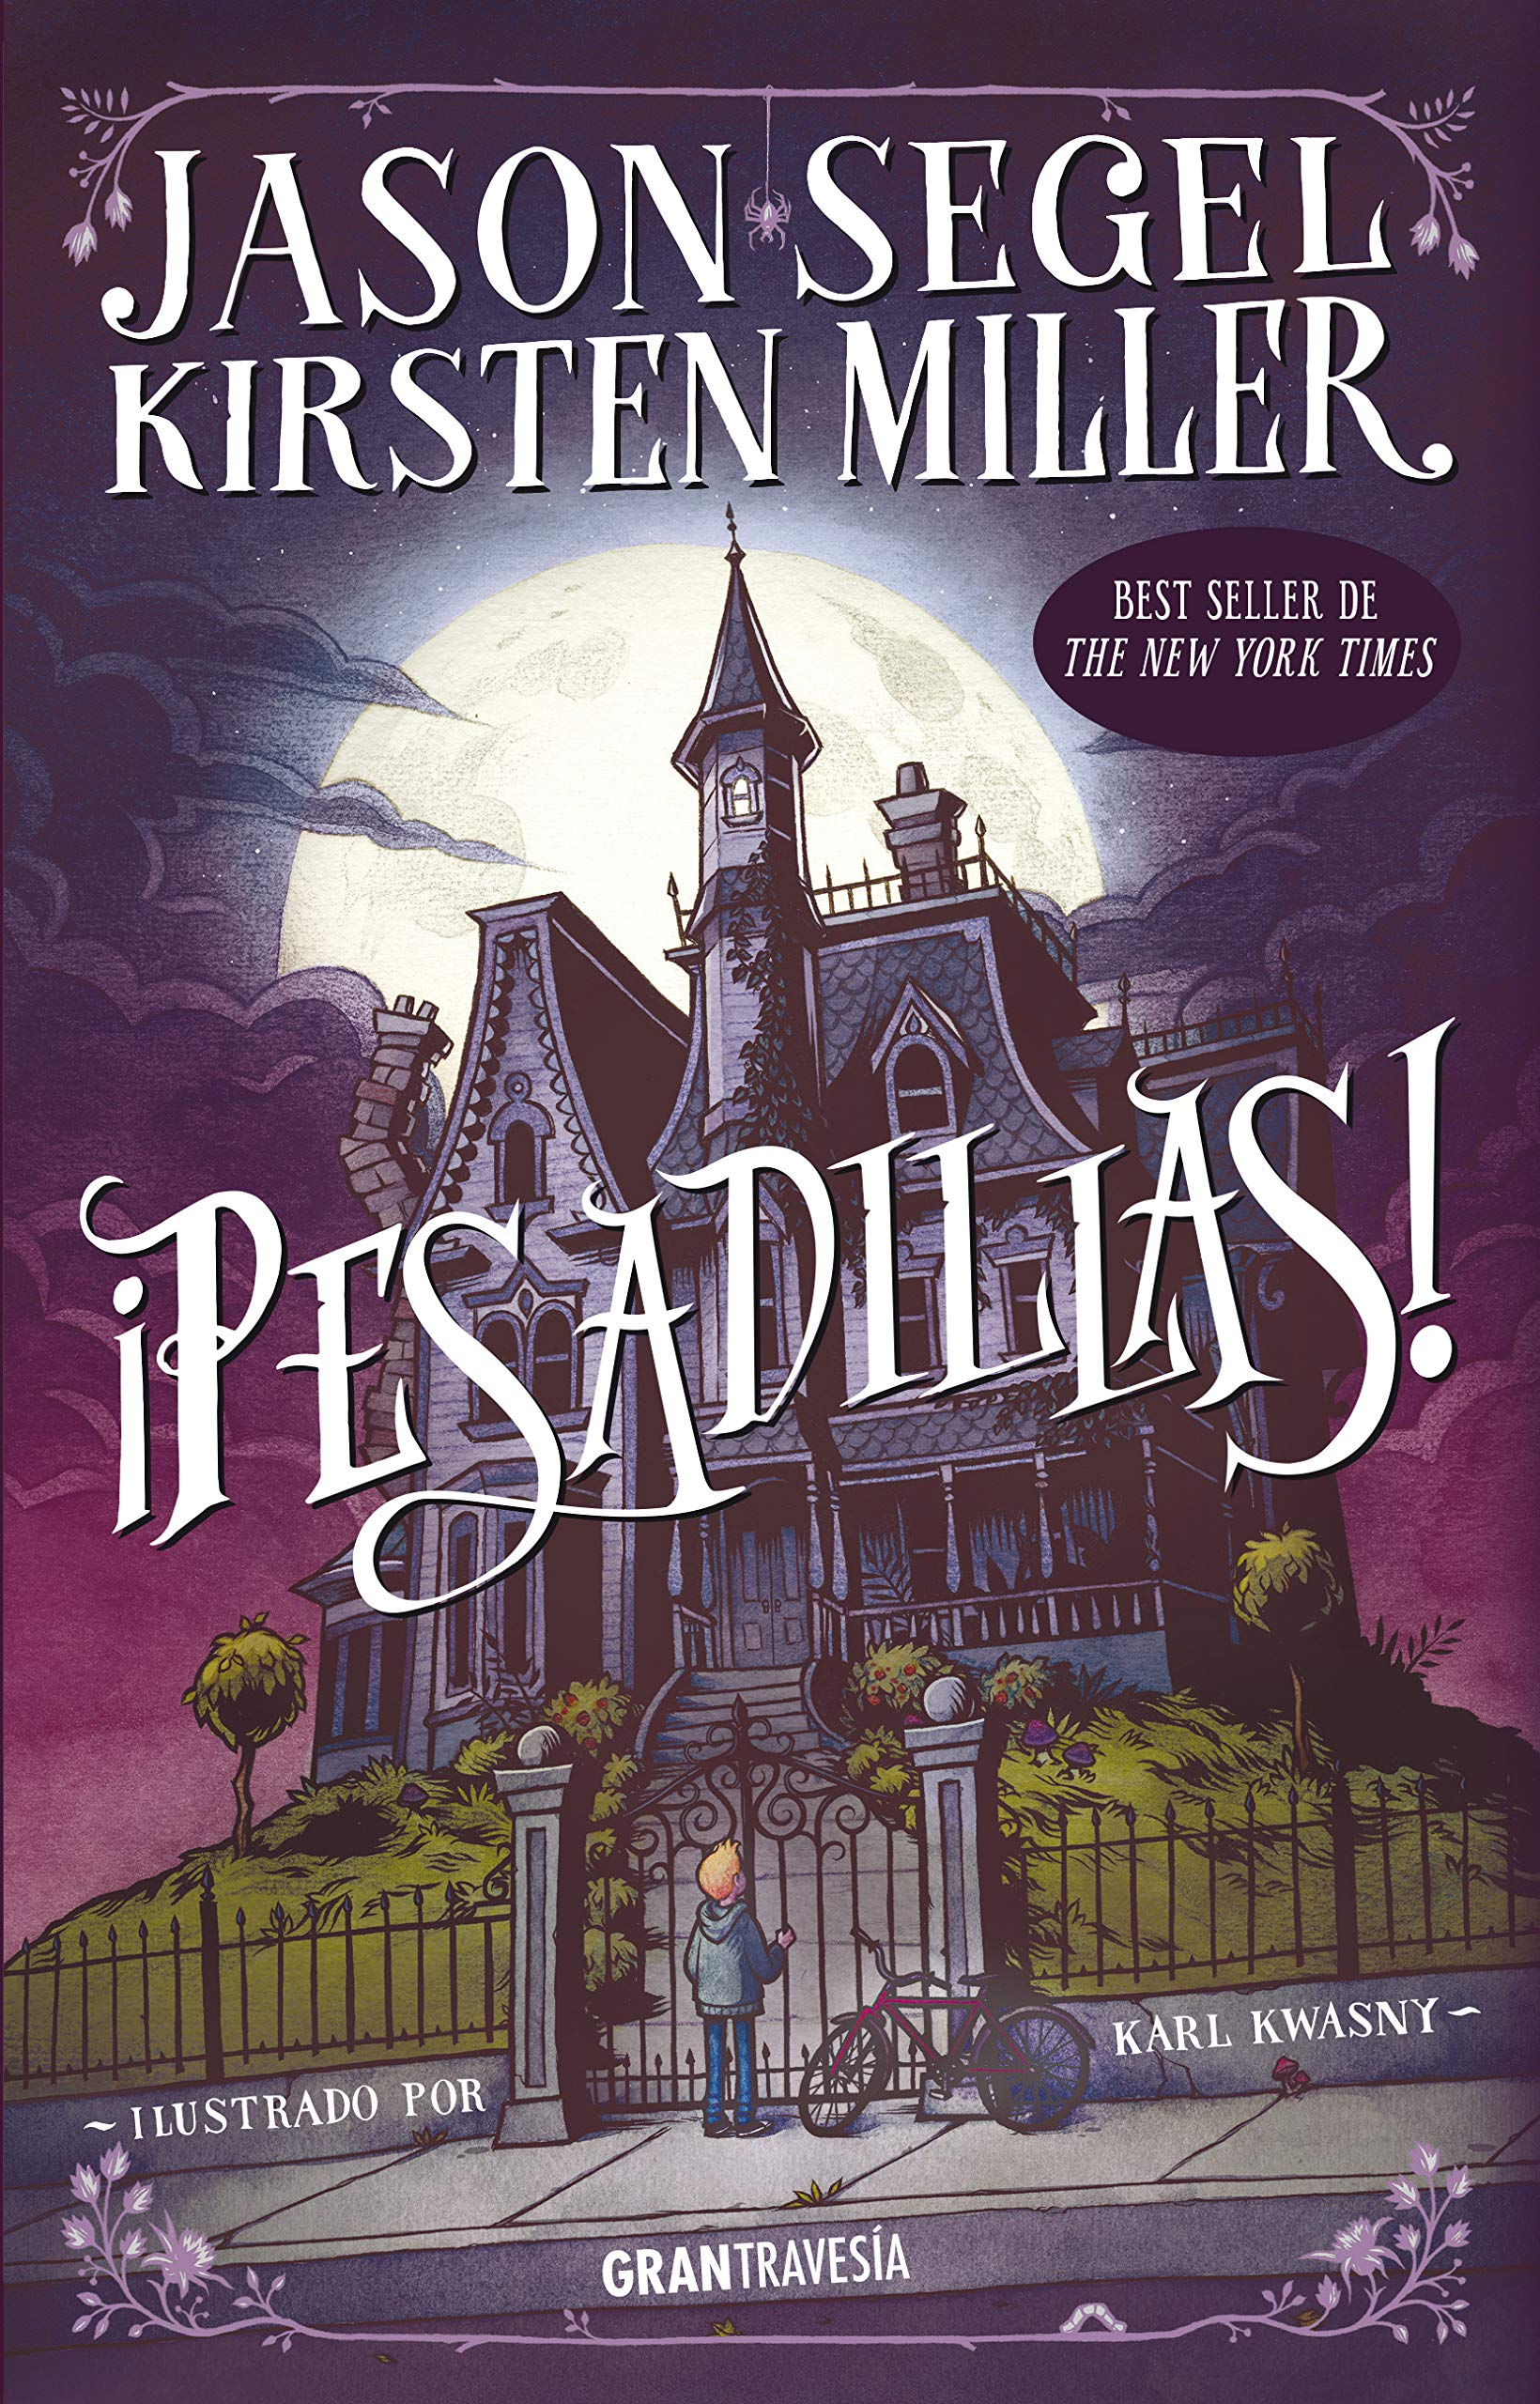 pesadillas! (¡pesadillas! / Nightmares!): Amazon.es: Segel, Jason, Miller, Kirsten: Libros